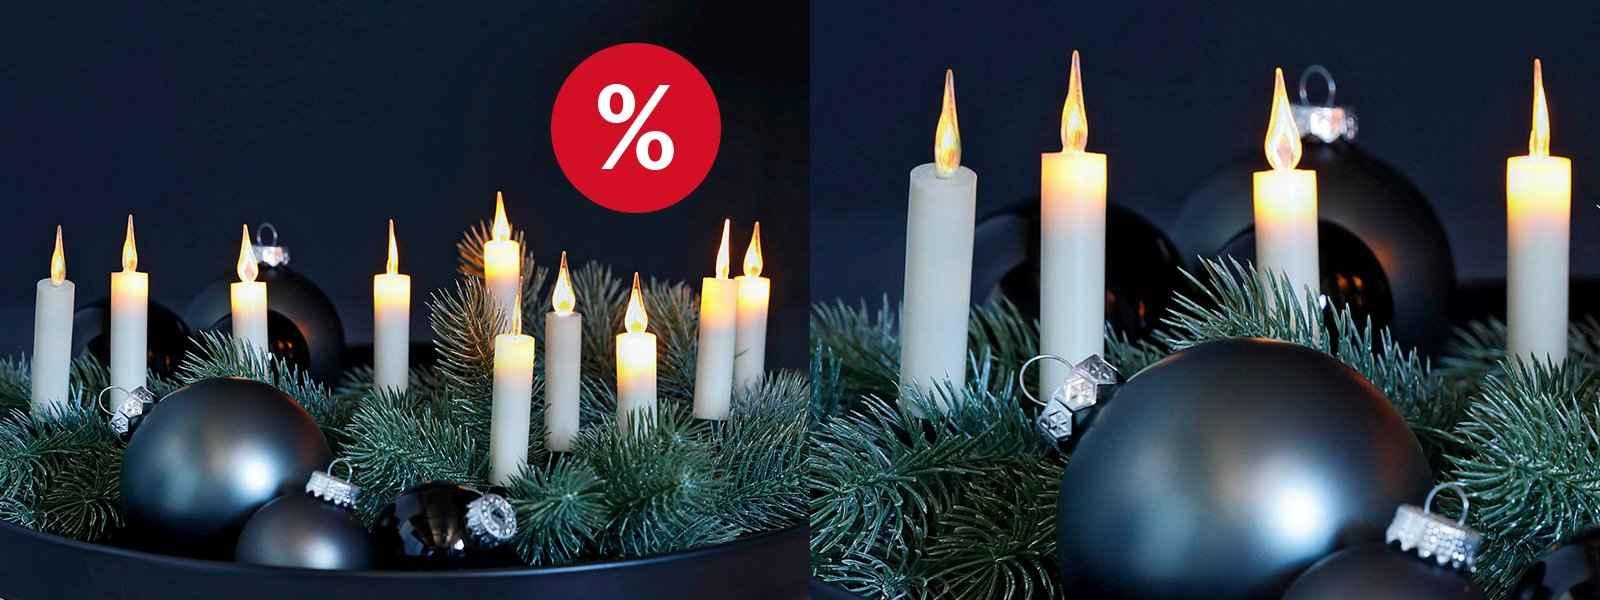 Weihnachtsbeleuchtung Sale